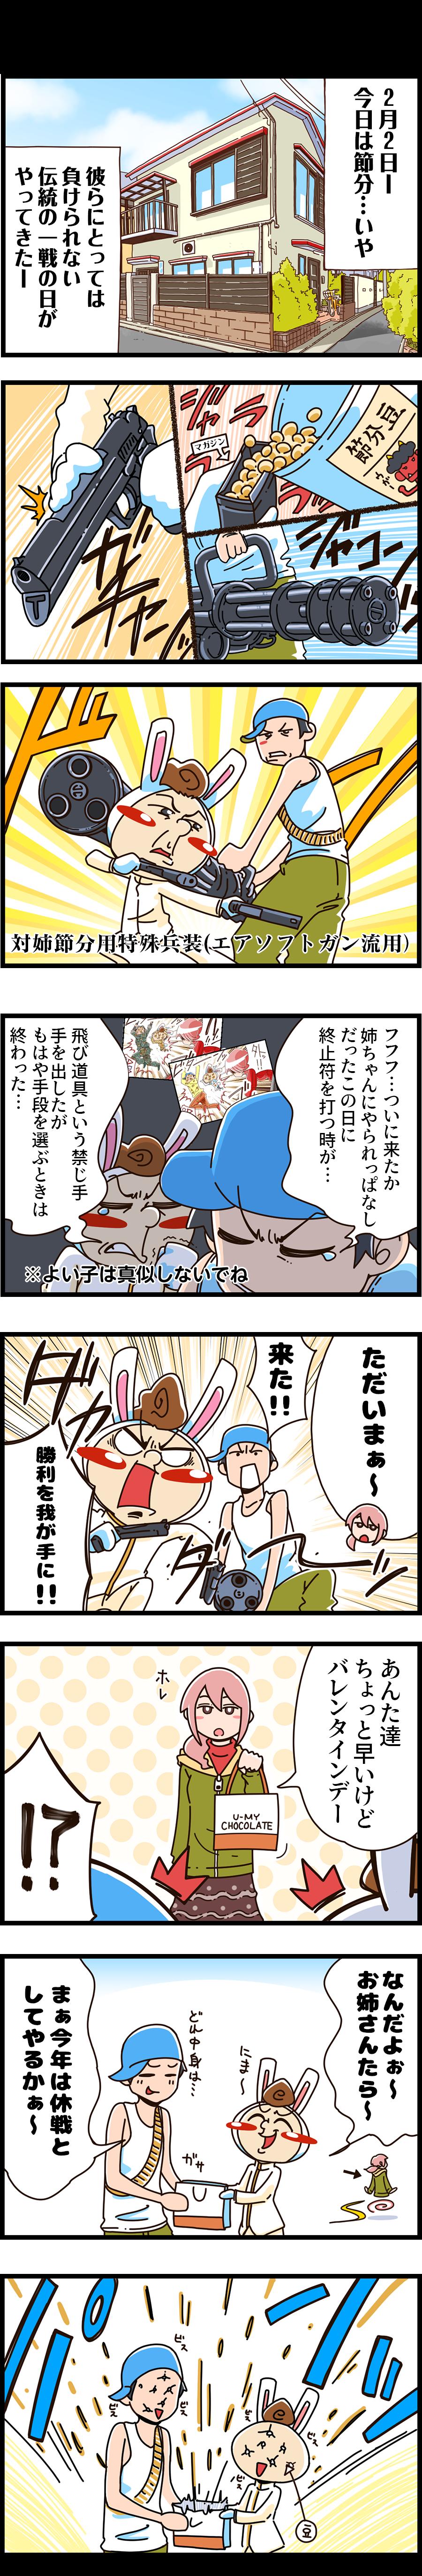 第40話 赤鬼討伐リベンジ編